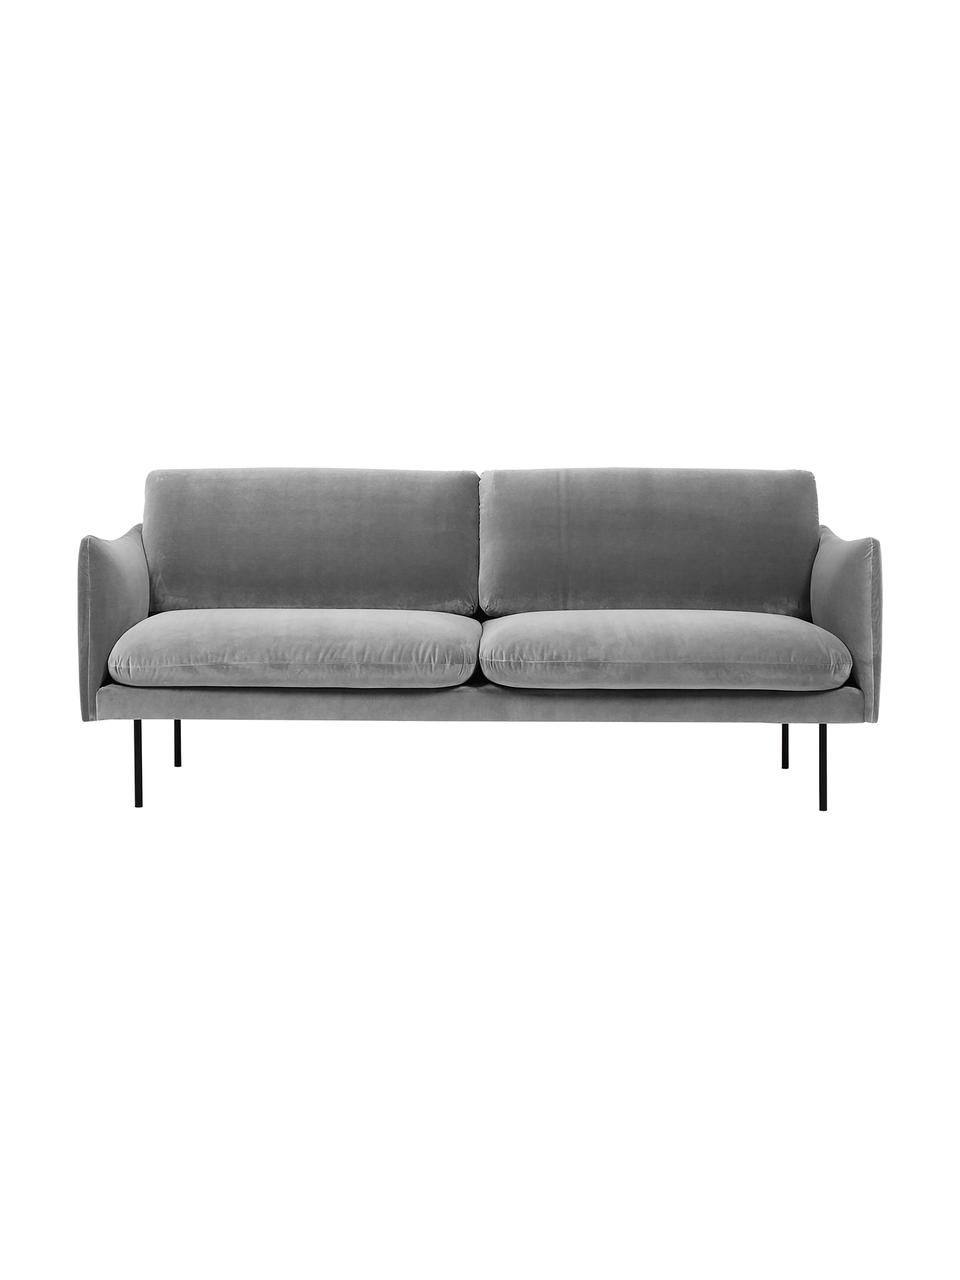 Canapé 2places velours gris Moby, Velours gris